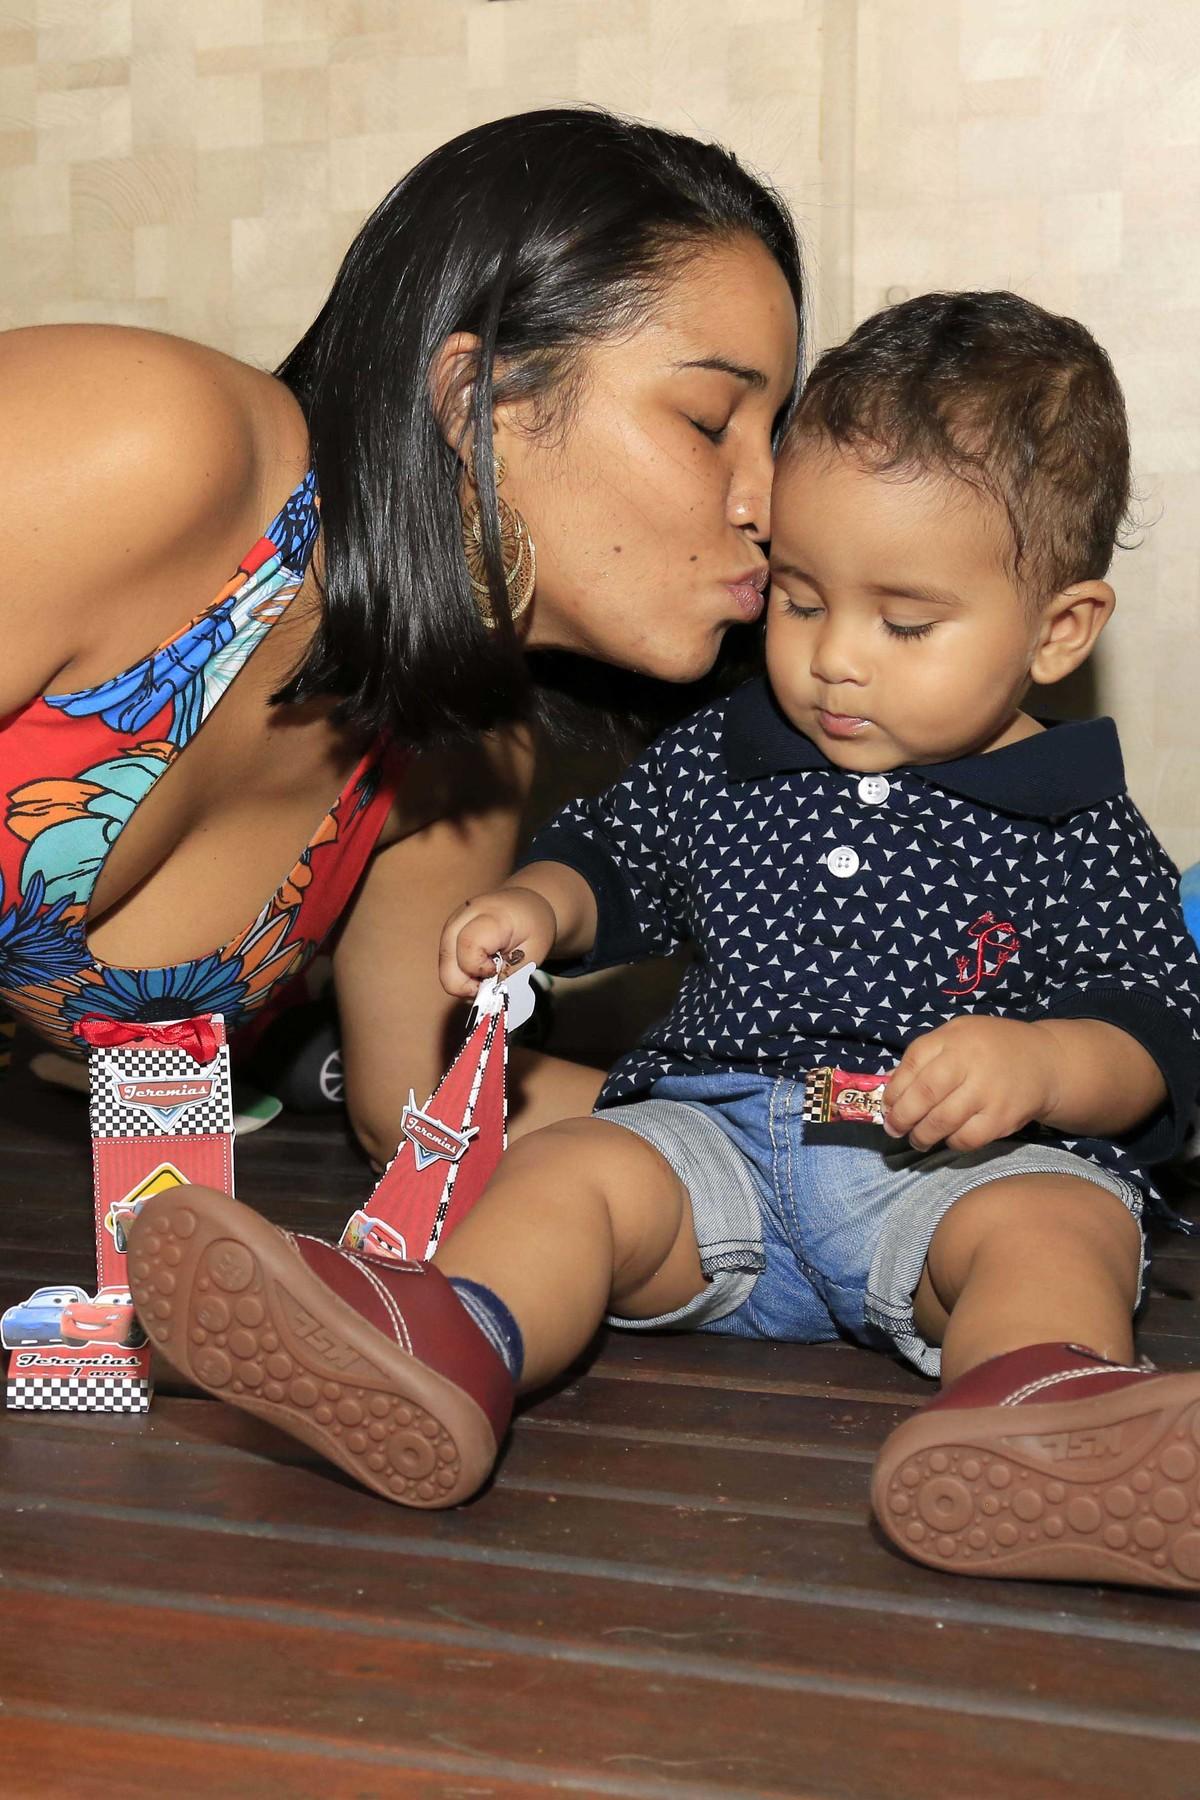 Nada menos que o beijo mais doce!Decoração de festa infantil com tema Carros no Buffet Castelo Encantado pela fotógrafa de aniversários Karina Cleto